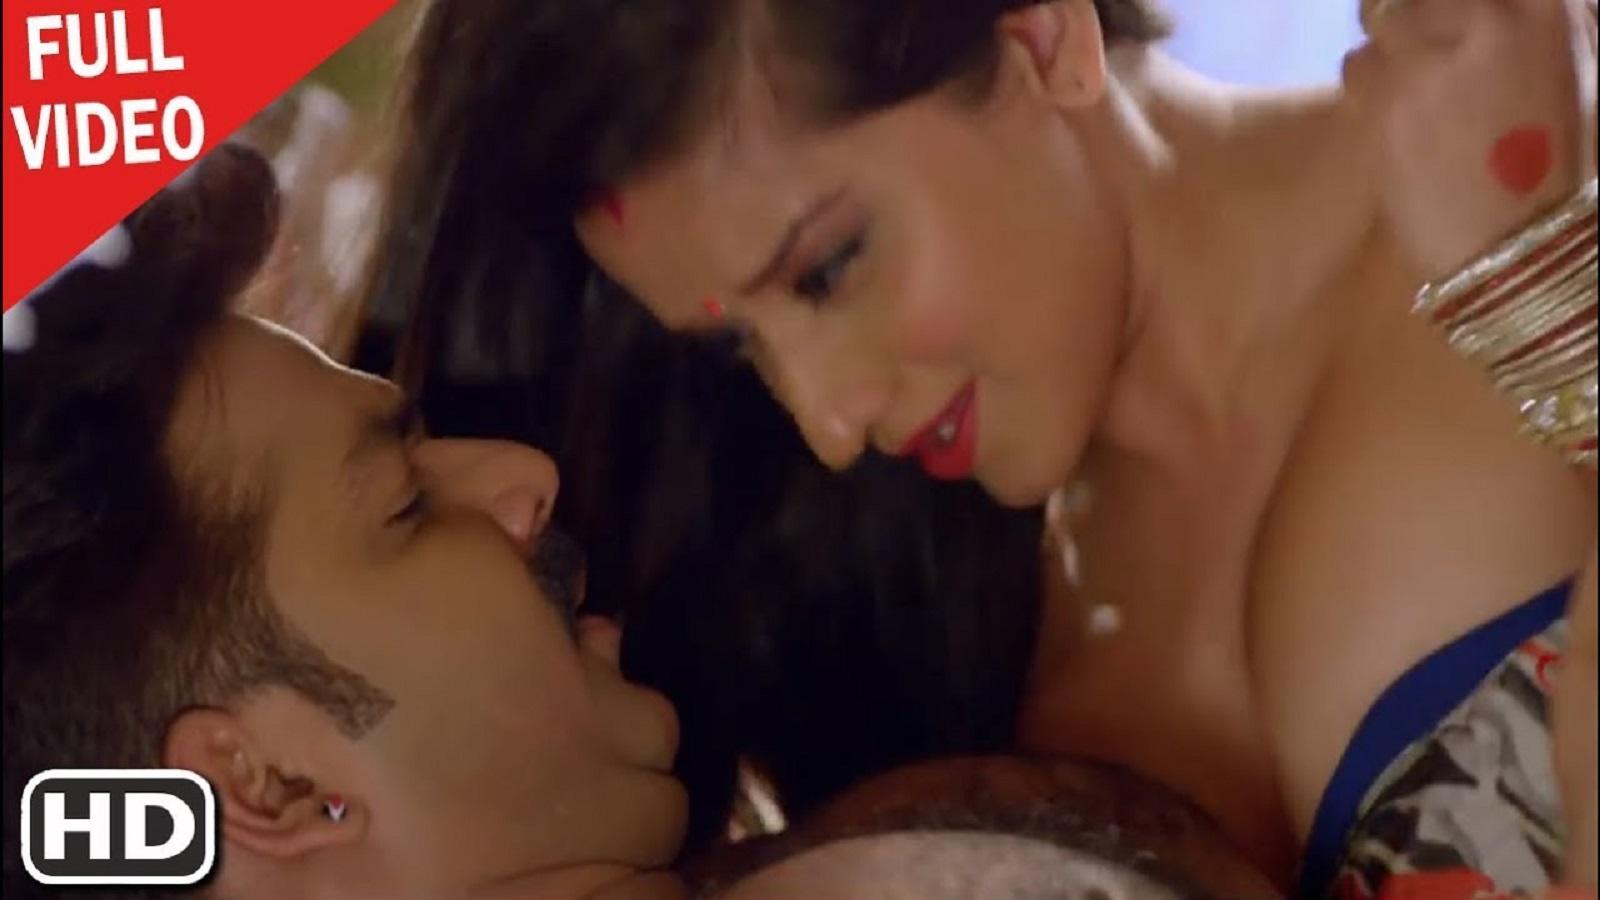 szexi videó hd-ben meztelen anális pornó